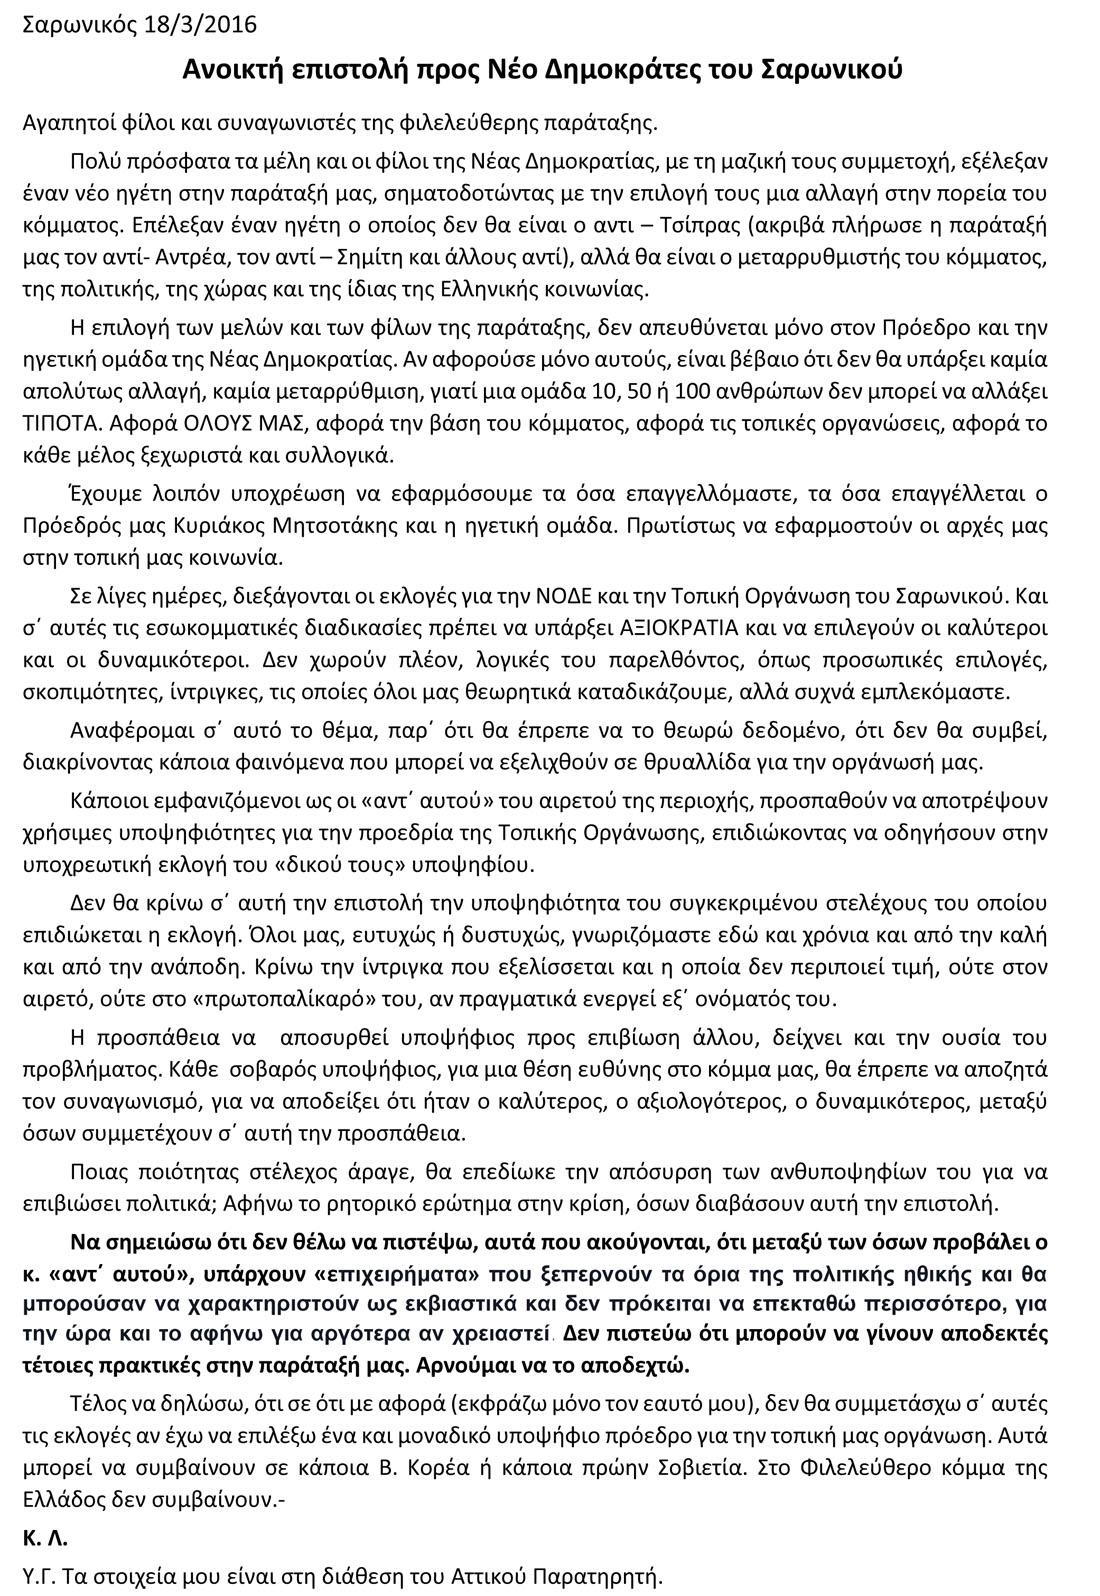 Ανοικτή επιστολή προς Νέο Δημοκράτες  Σαρωνικού